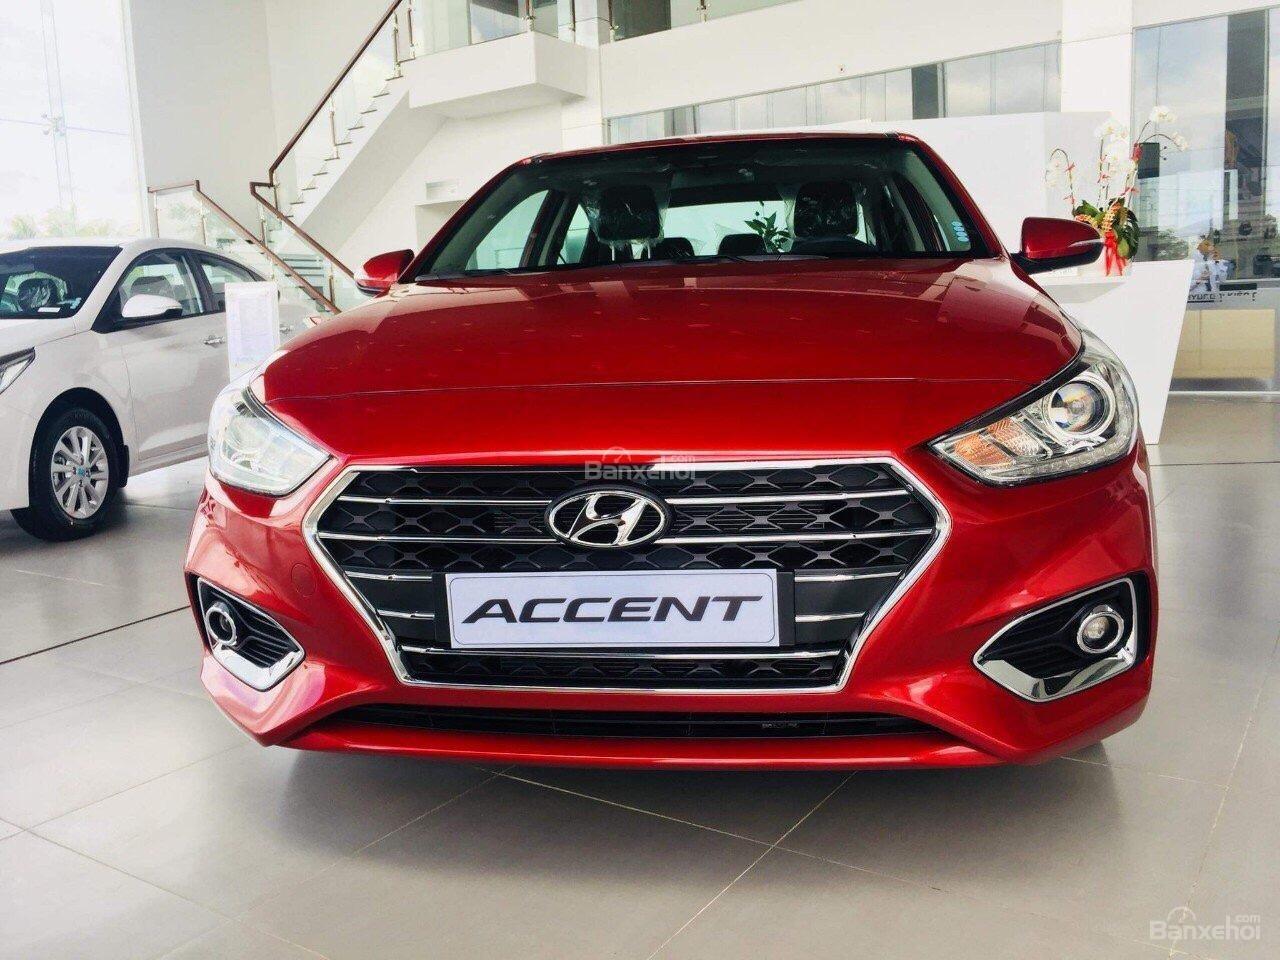 Bán Hyundai Accent 2018 giá cạnh tranh, hỗ trợ góp ngân hàng 80-90%, lãi suất thấp-0